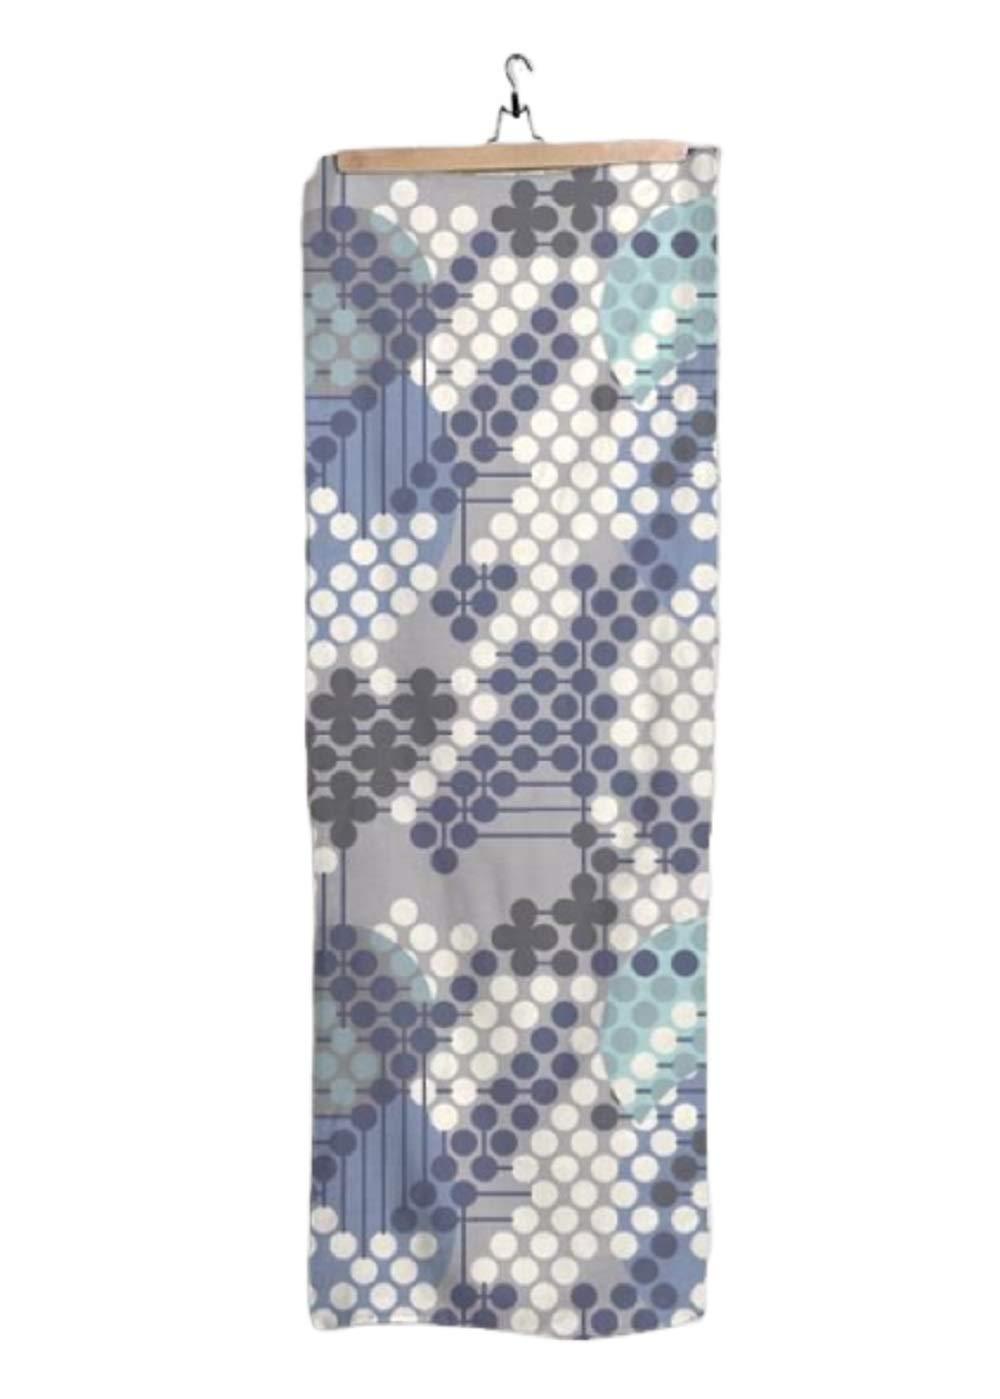 VIDA Indigo Modal Scarf (1955 Textile Design - 105)28'' × 78'' | Original Artwork by Frank Lloyd Wright by VIDA